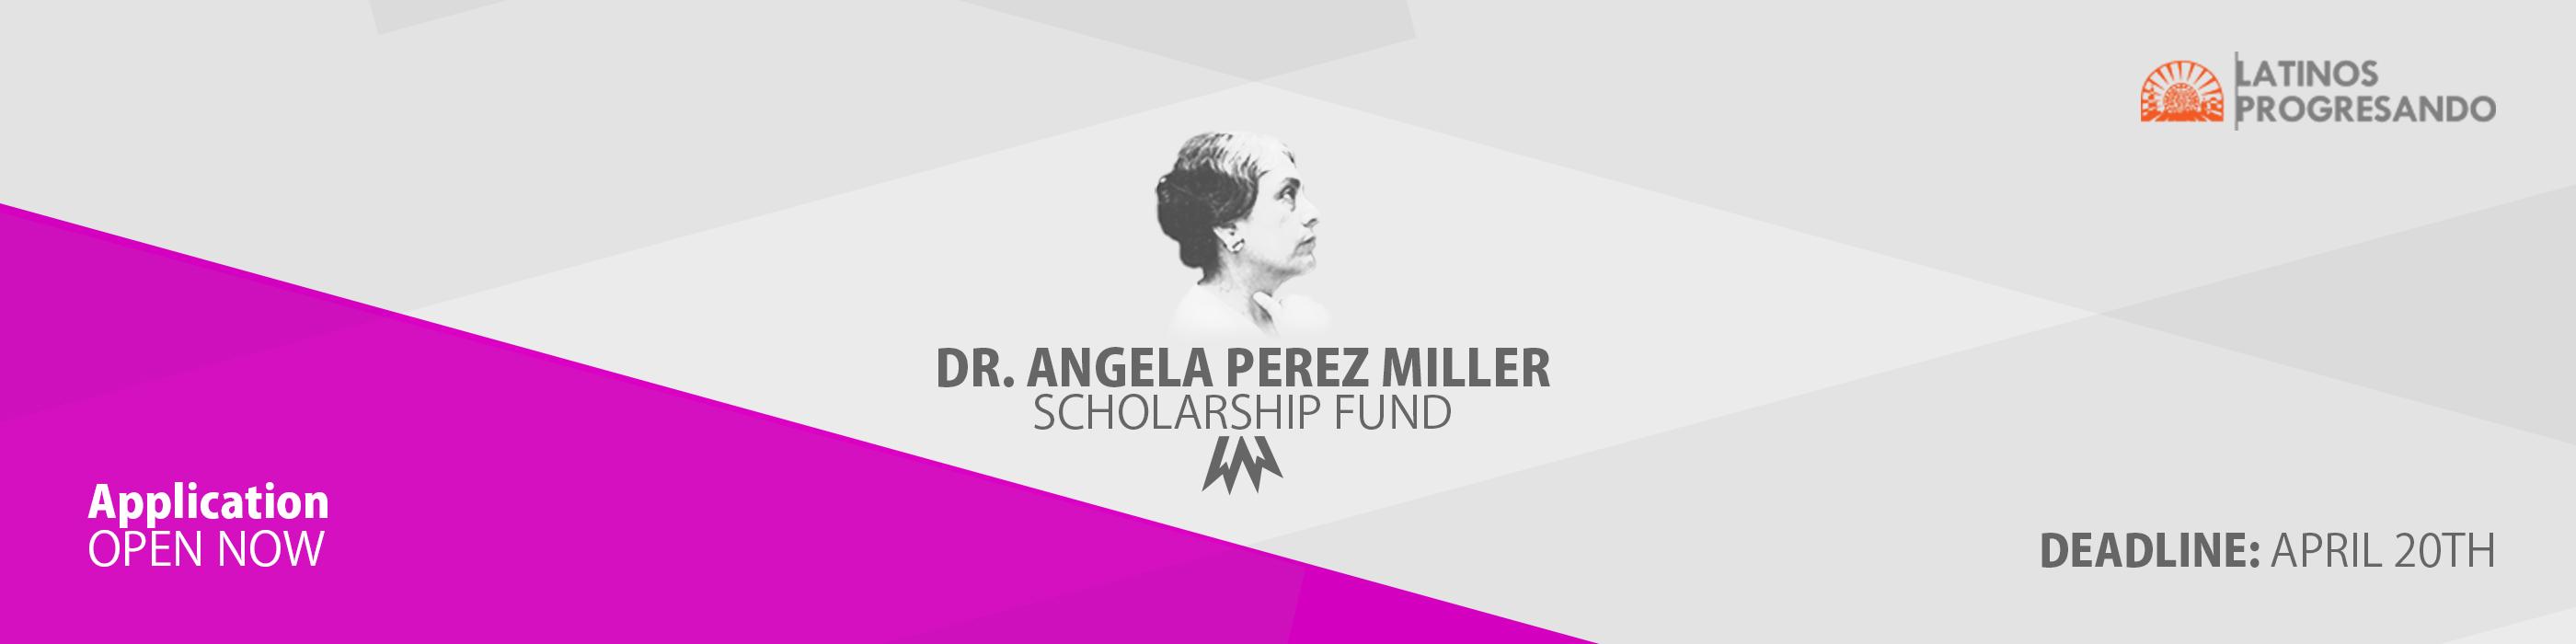 Banner Scholarship fund 2